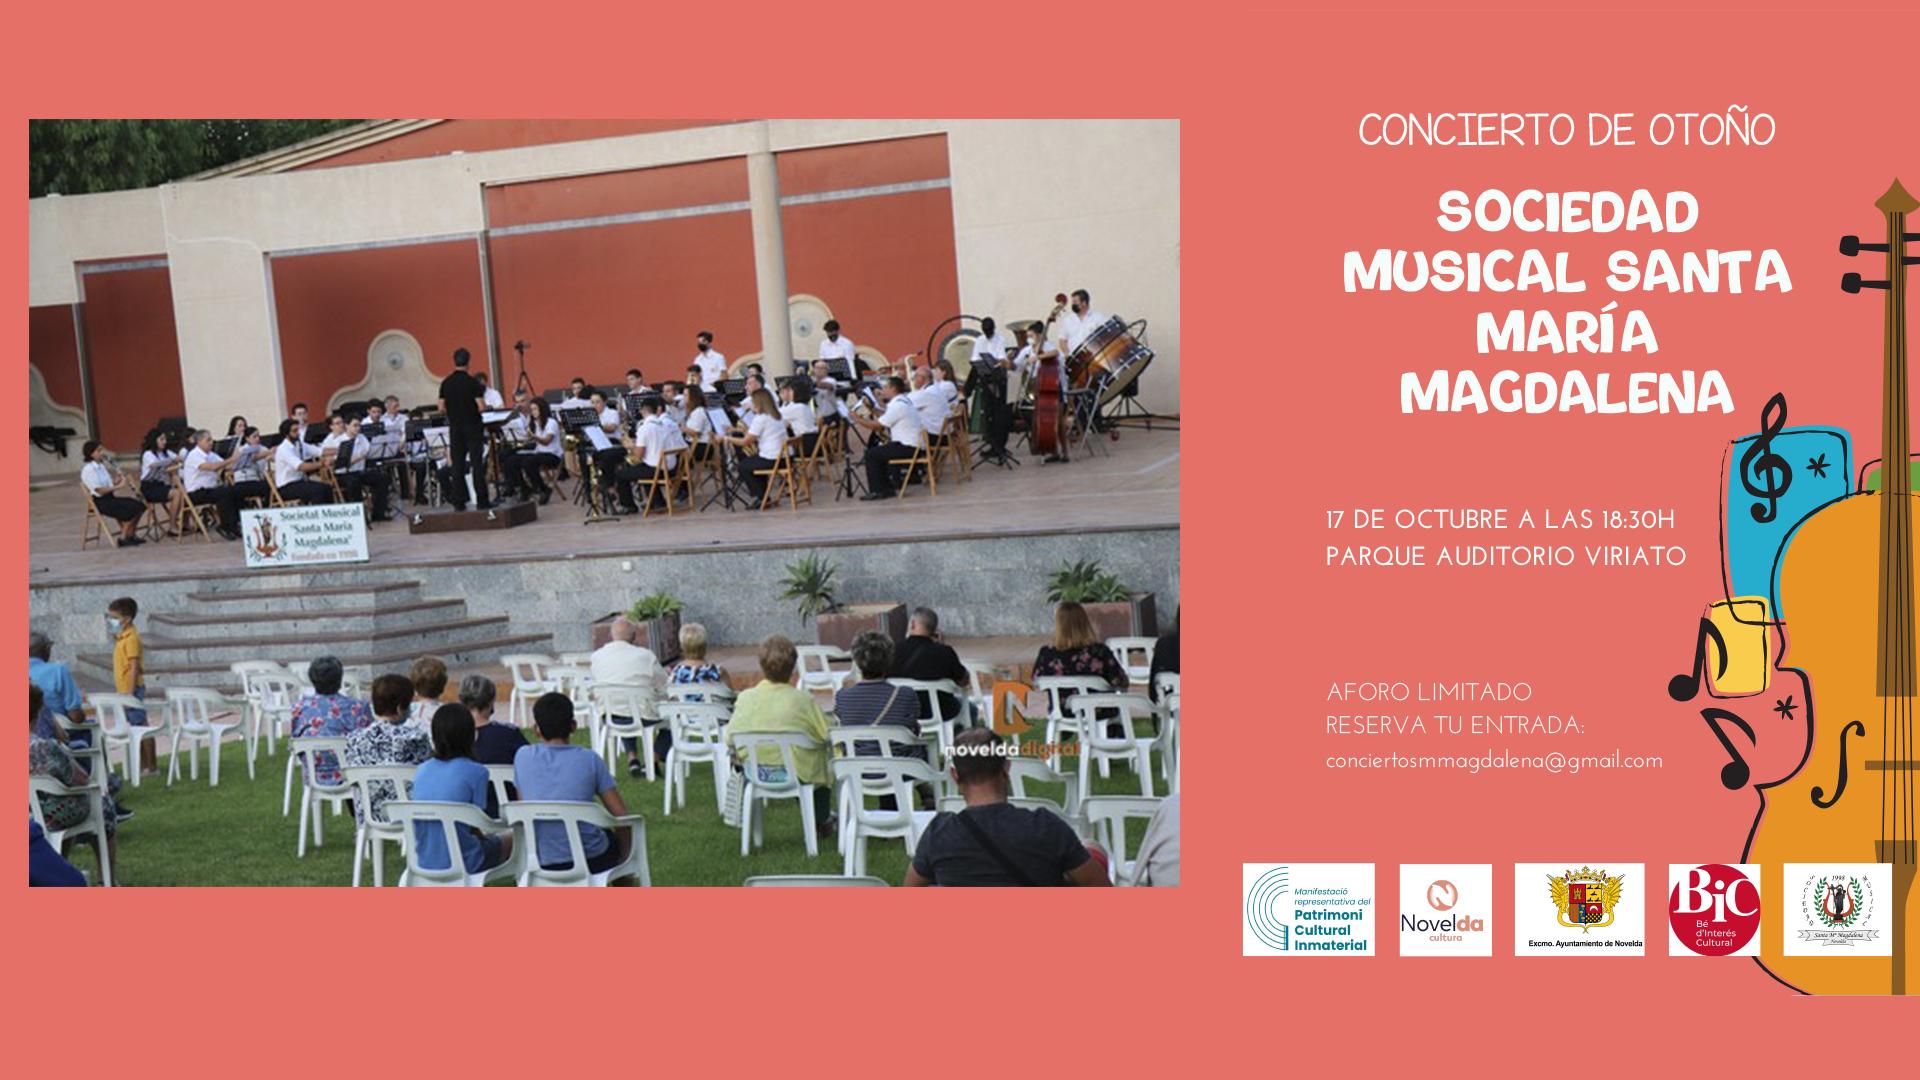 El próximo domingo concierto de la S.M. Santa María Magdalena